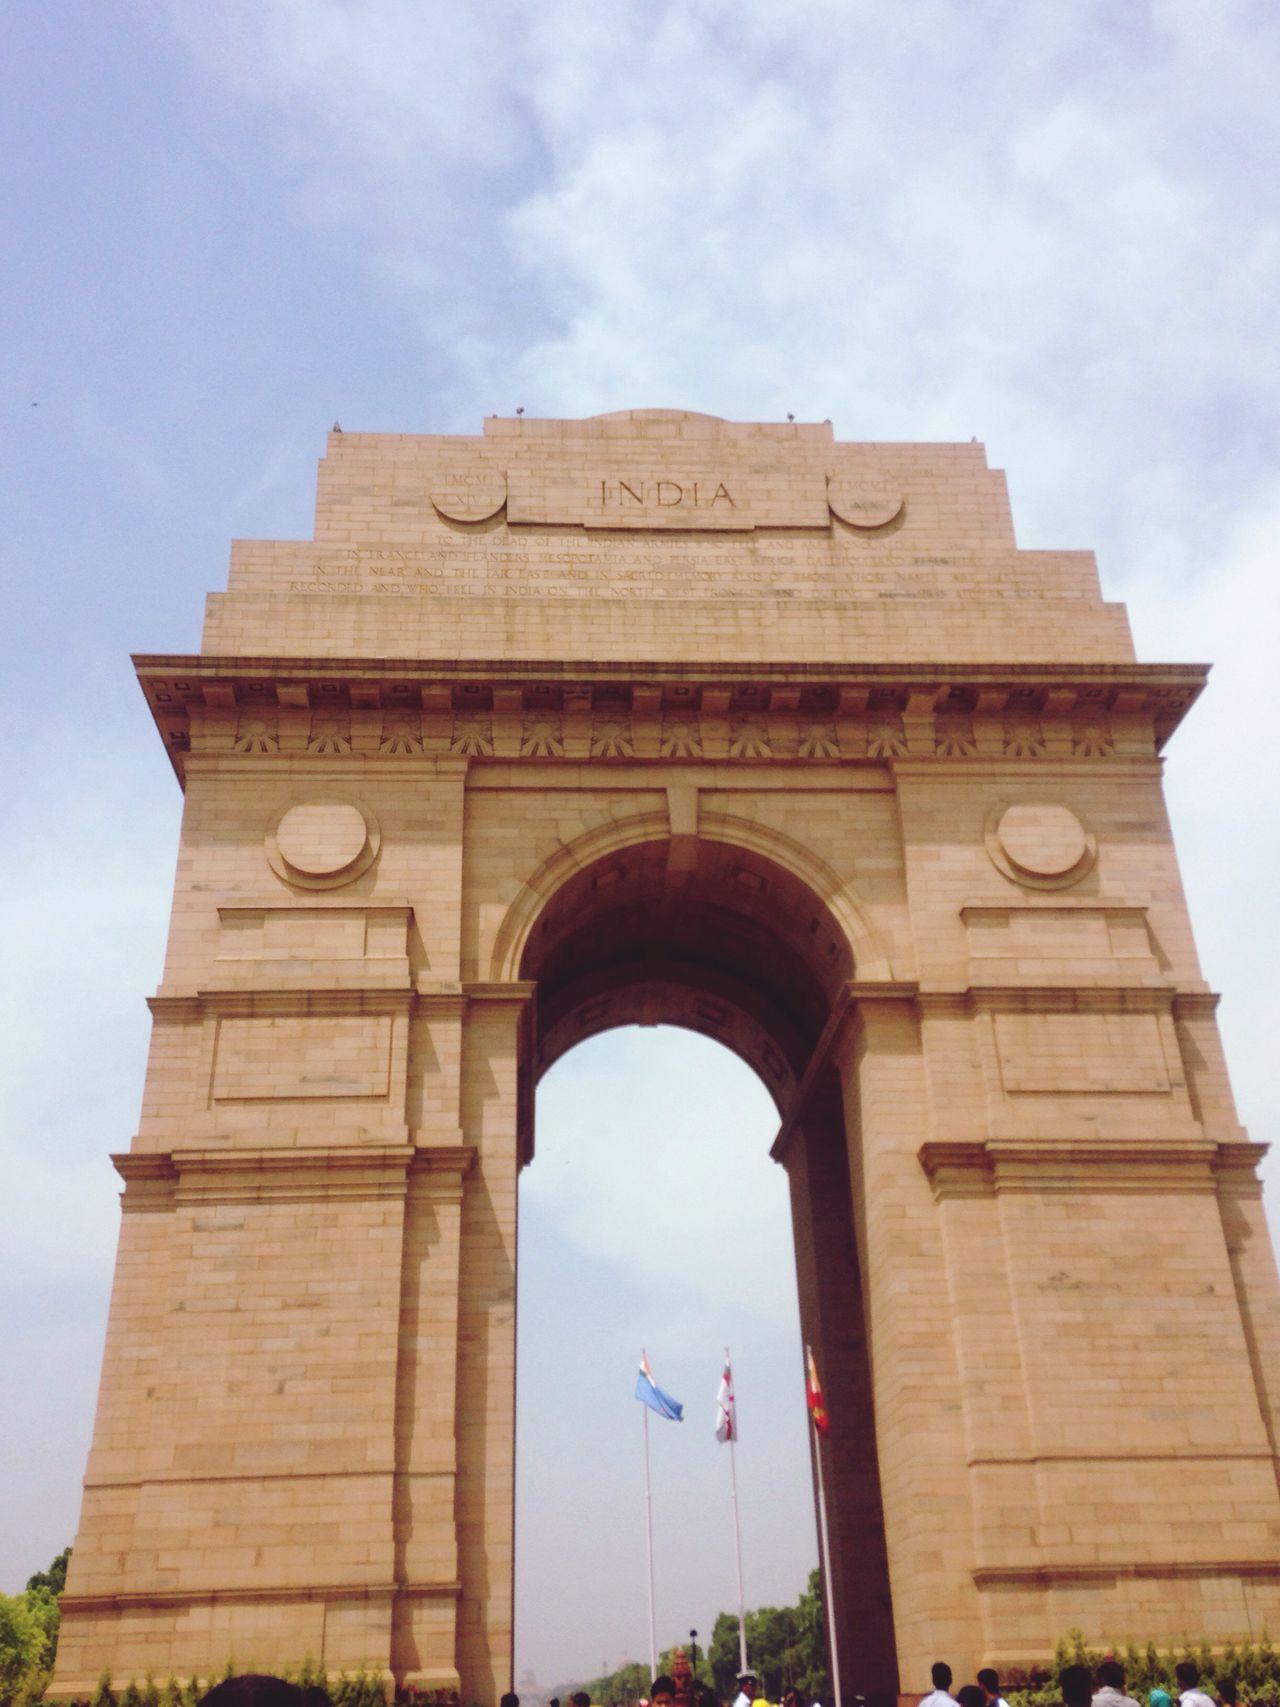 インド門 Indiagate インド 旅行 Traveling India